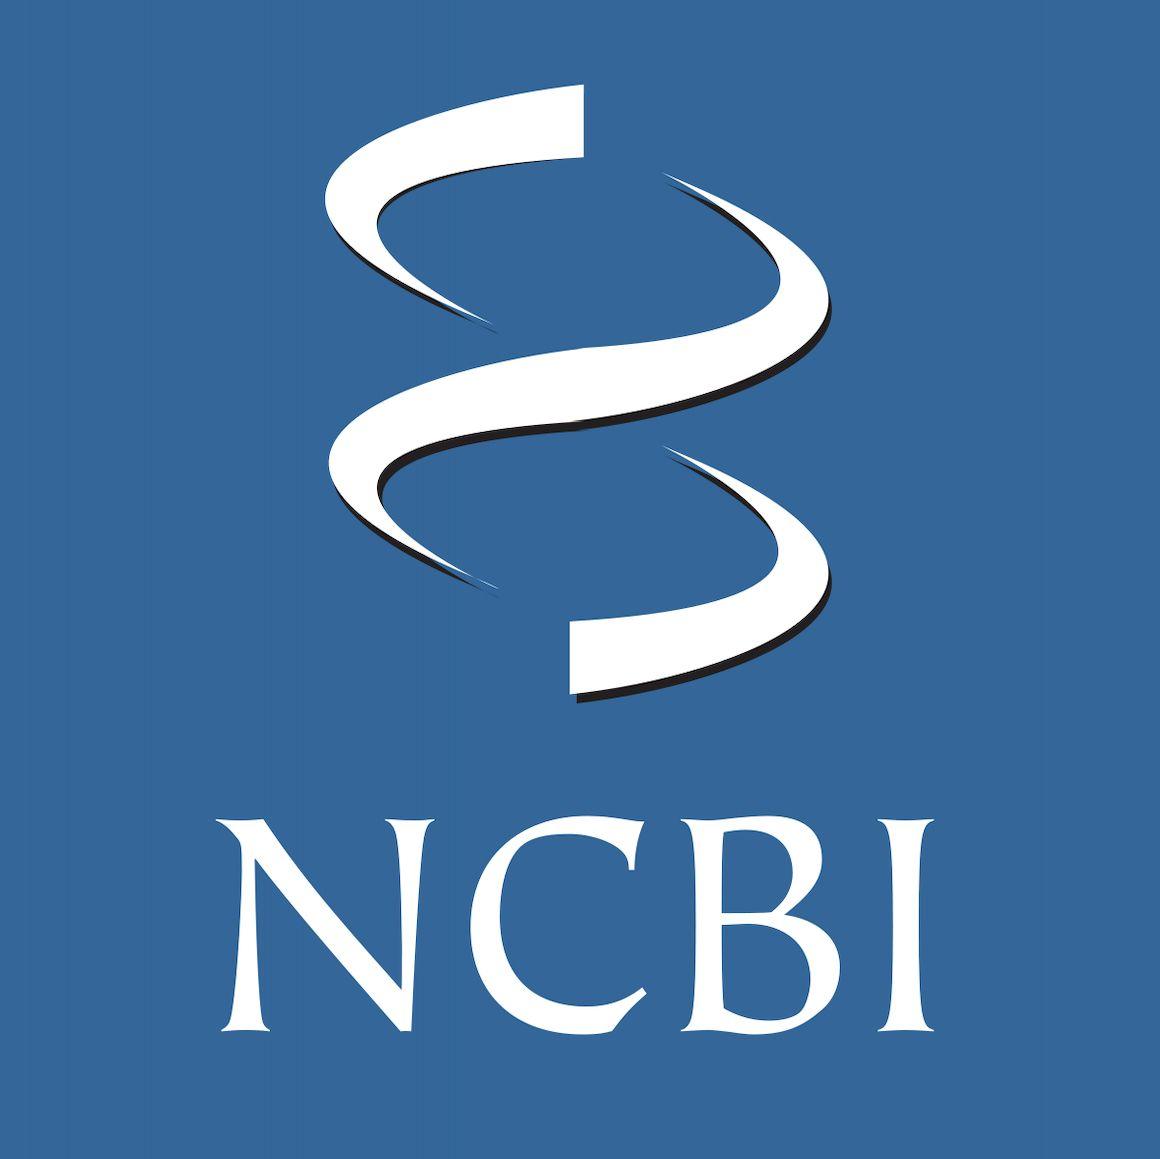 【免费】NCBI数据库 国内镜像服务